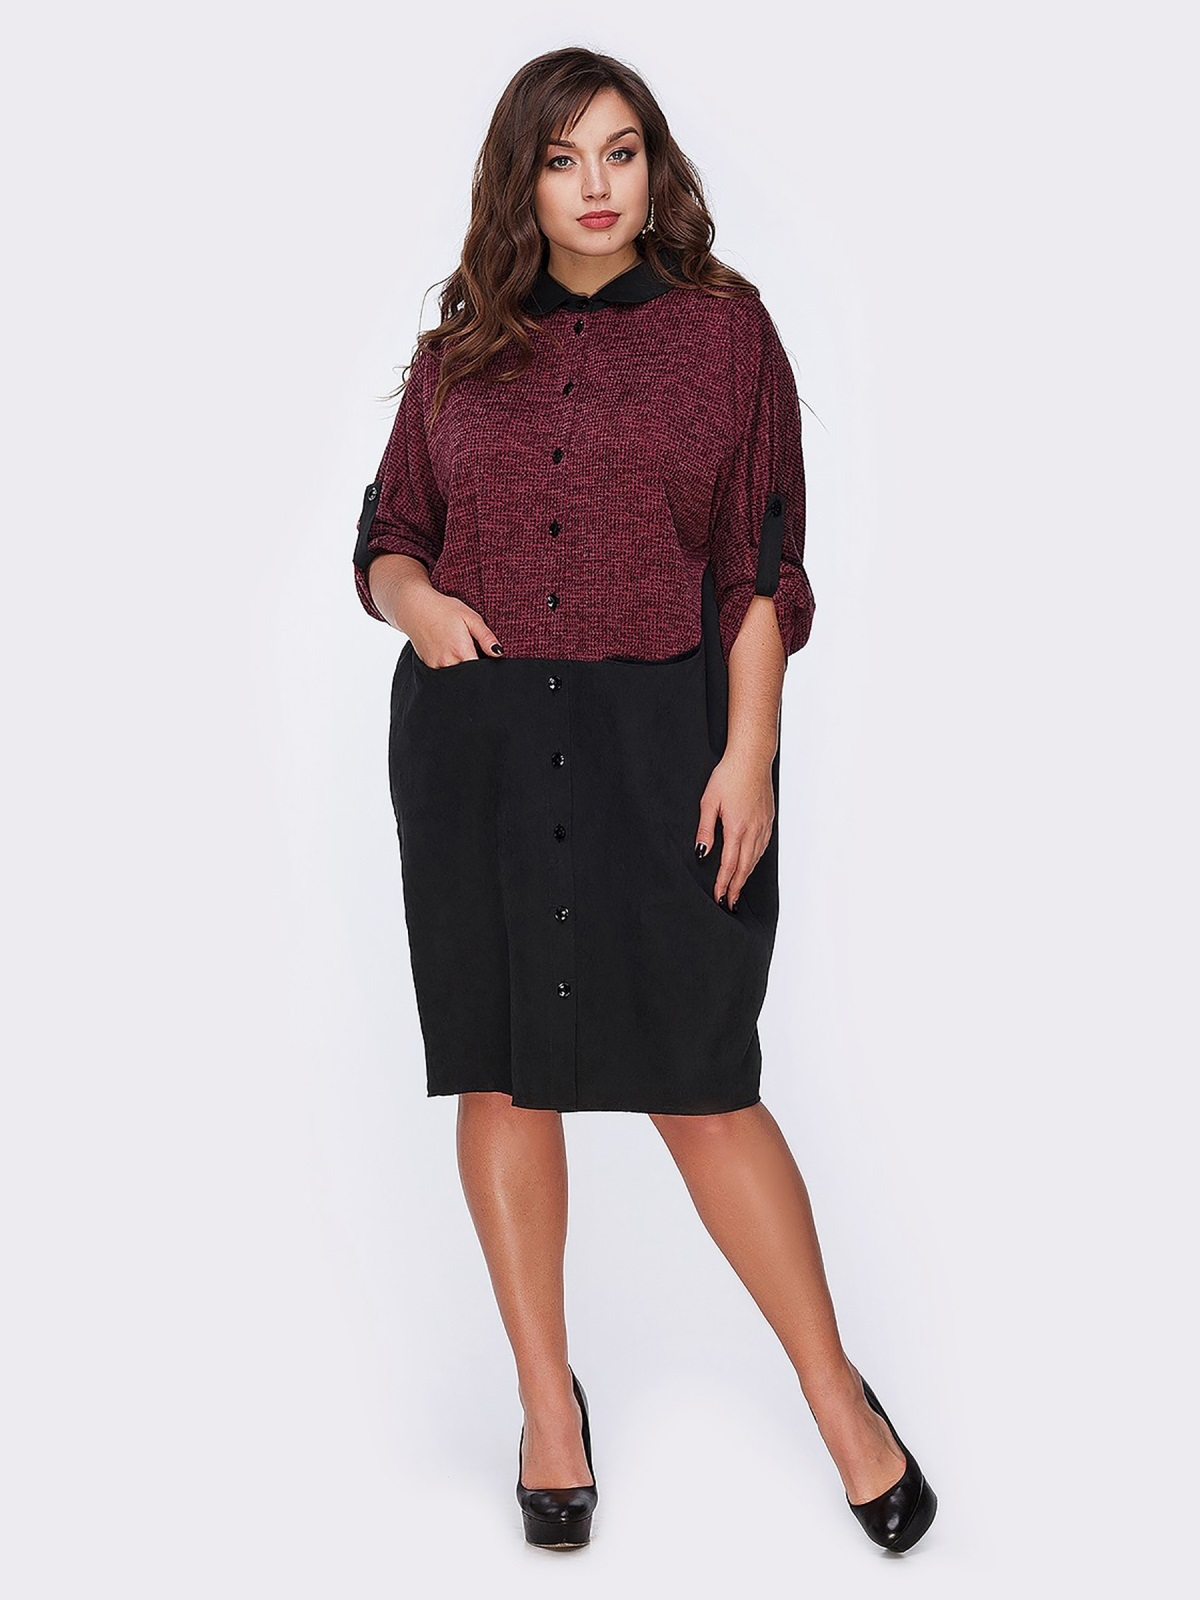 Бордовое платье-рубашка с контрастными вставками - 20590, фото 1 – интернет-магазин Dressa